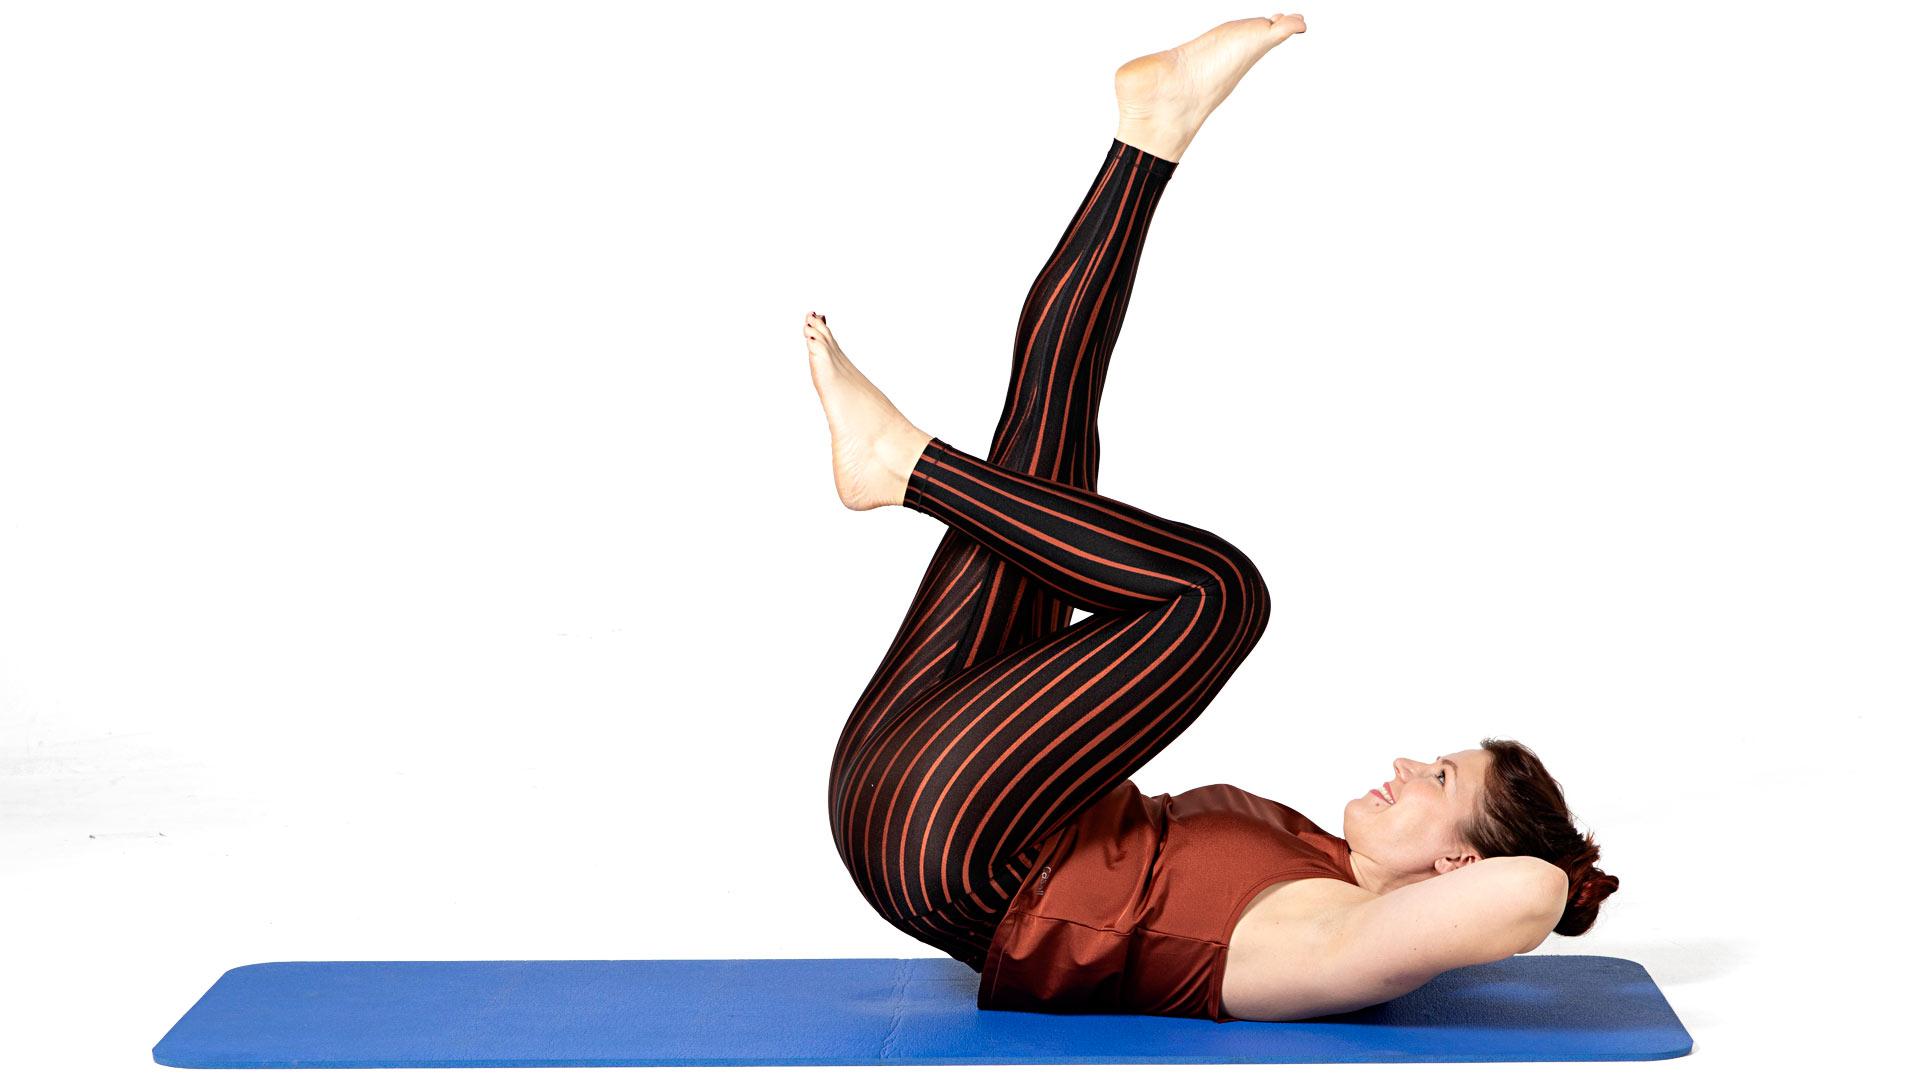 Vedä toinen polvi koukkuun vatsalle ja ojenna toinen jalka suoraksi kohti kattoa.